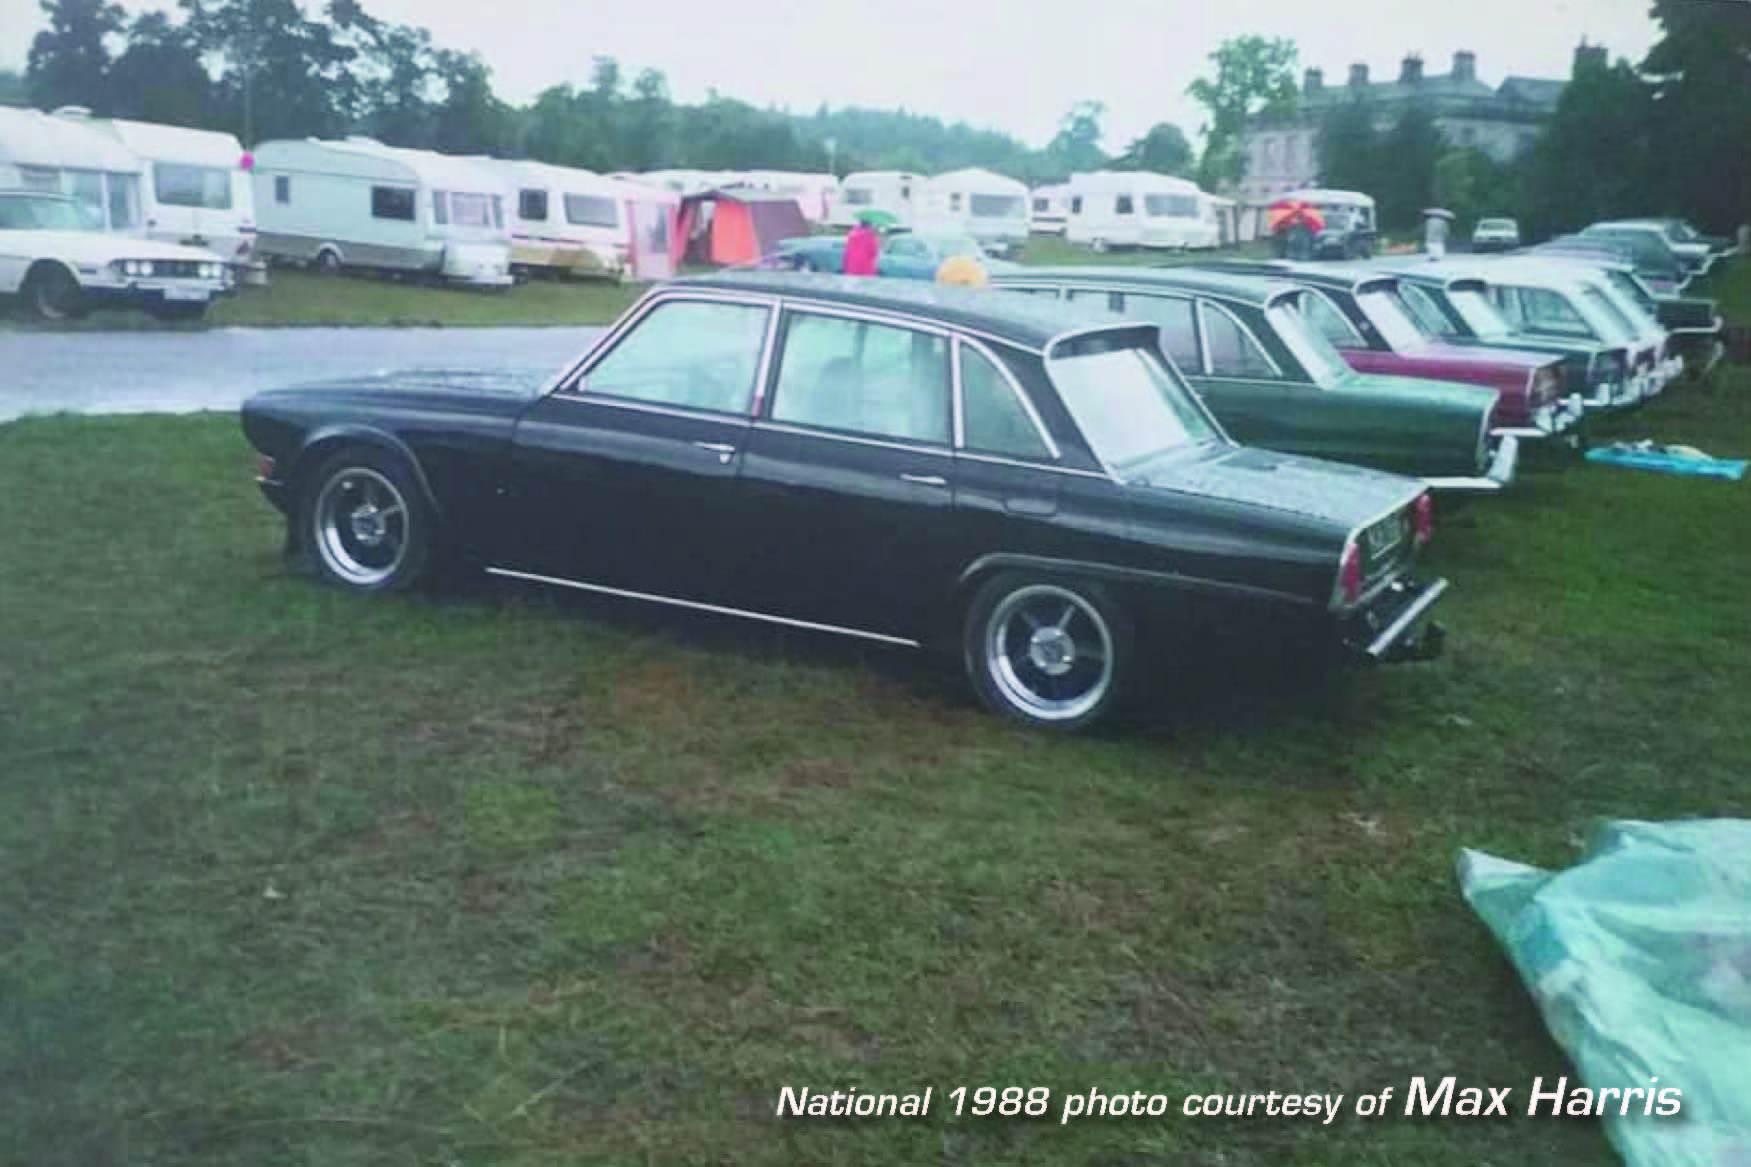 Nat-1988c